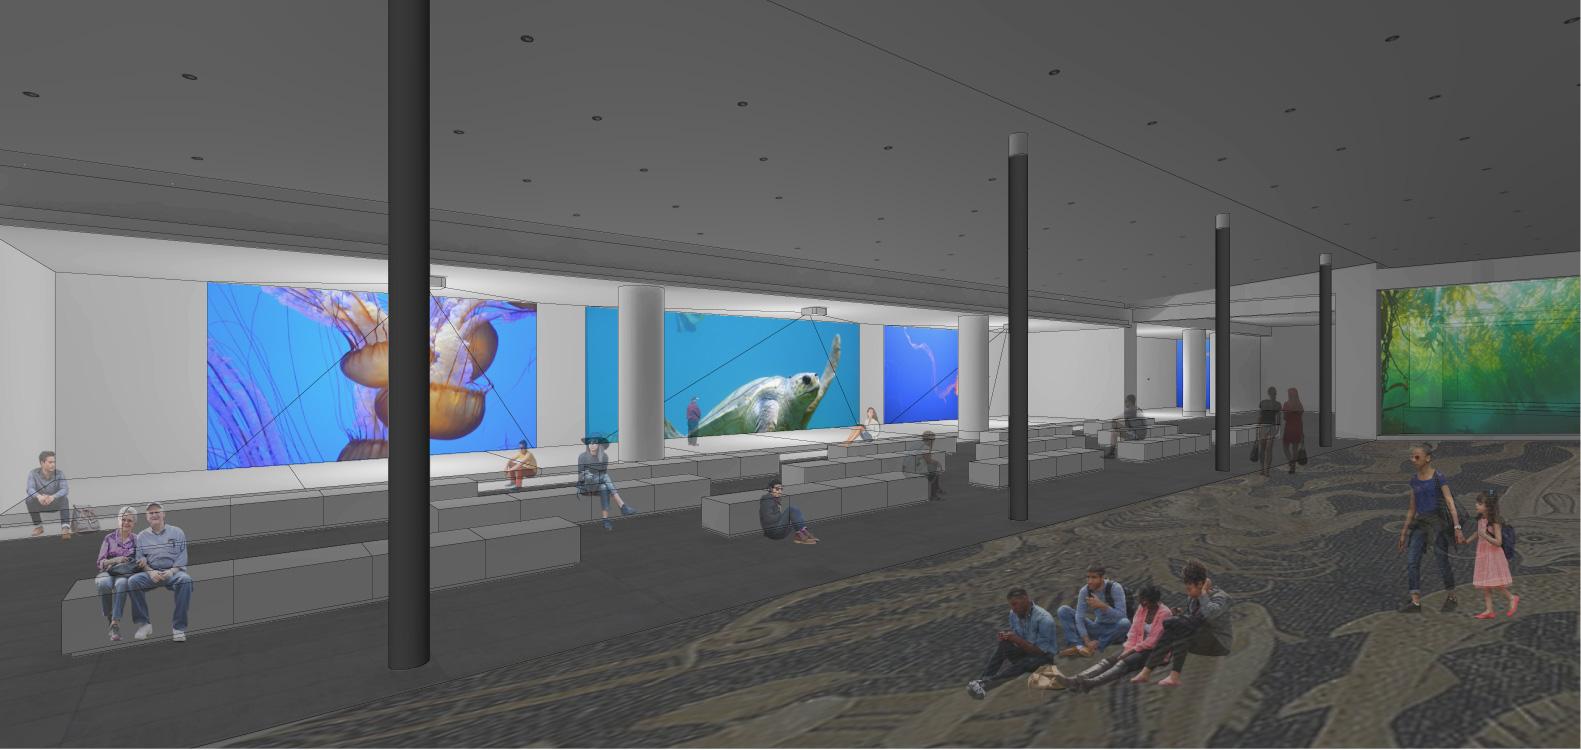 10_wunderground_aquarium_architectural_competition_perspective.jpg